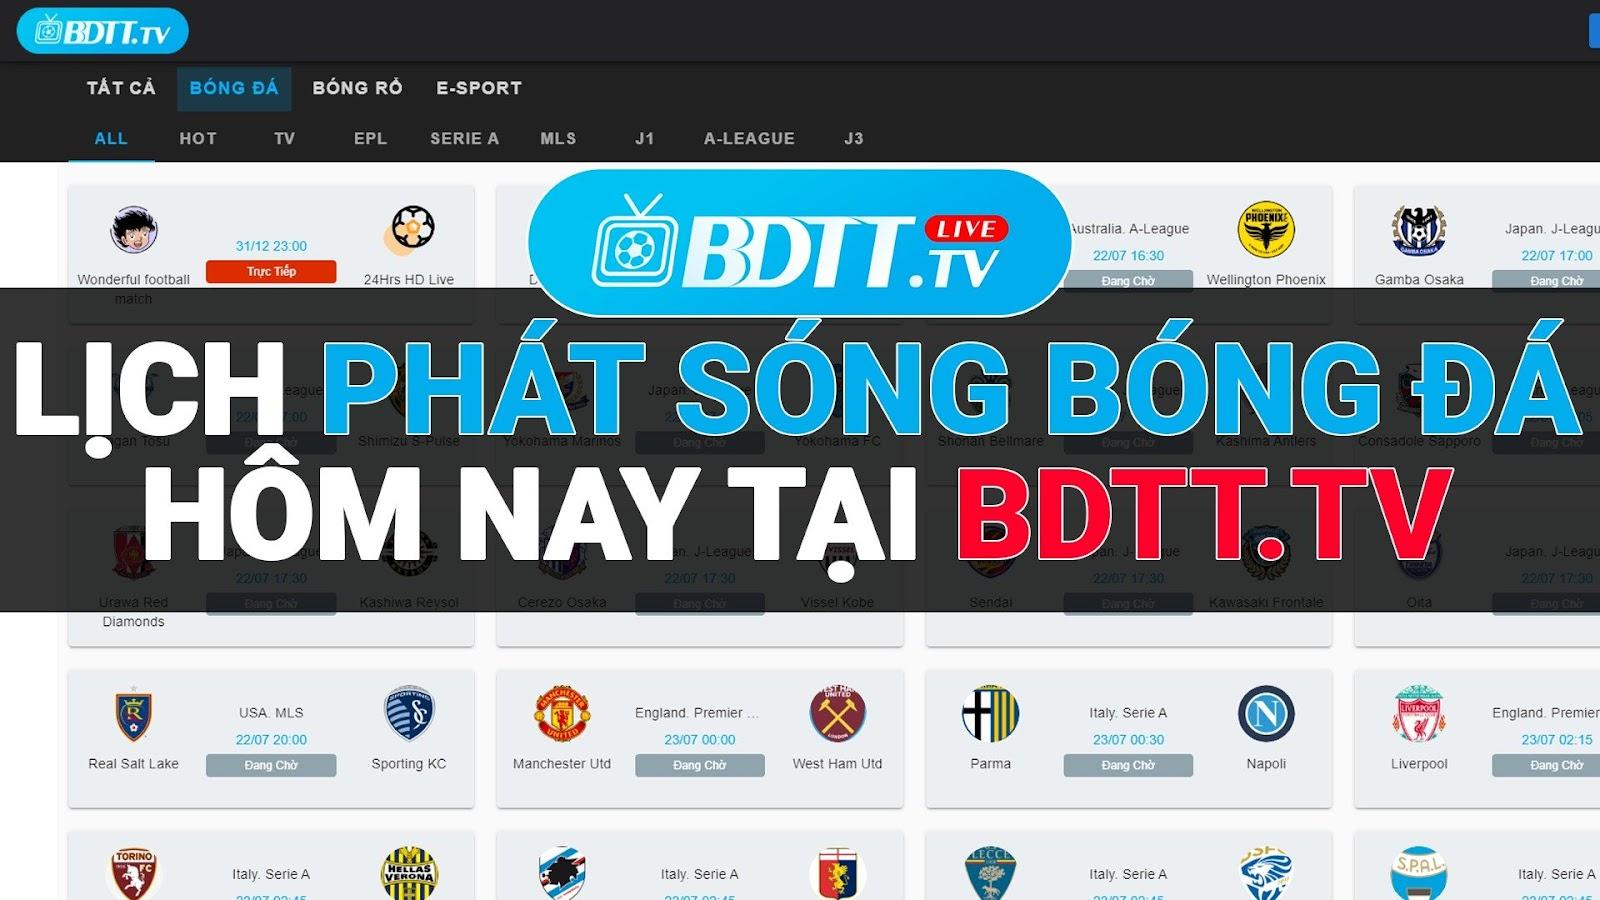 BDTT.tv - Xem trực tiếp bóng đá miễn phí không giật lag, là kênh giúp bạn có thể xem trực tiếp bóng đá chất lượng cao, mượt mà, không lo quảng cáo. Hỗ trợ cung cấp nguồn link ổn định, tốc độ cao, lịch phát sóng đầy đủ và chi tiết nhất